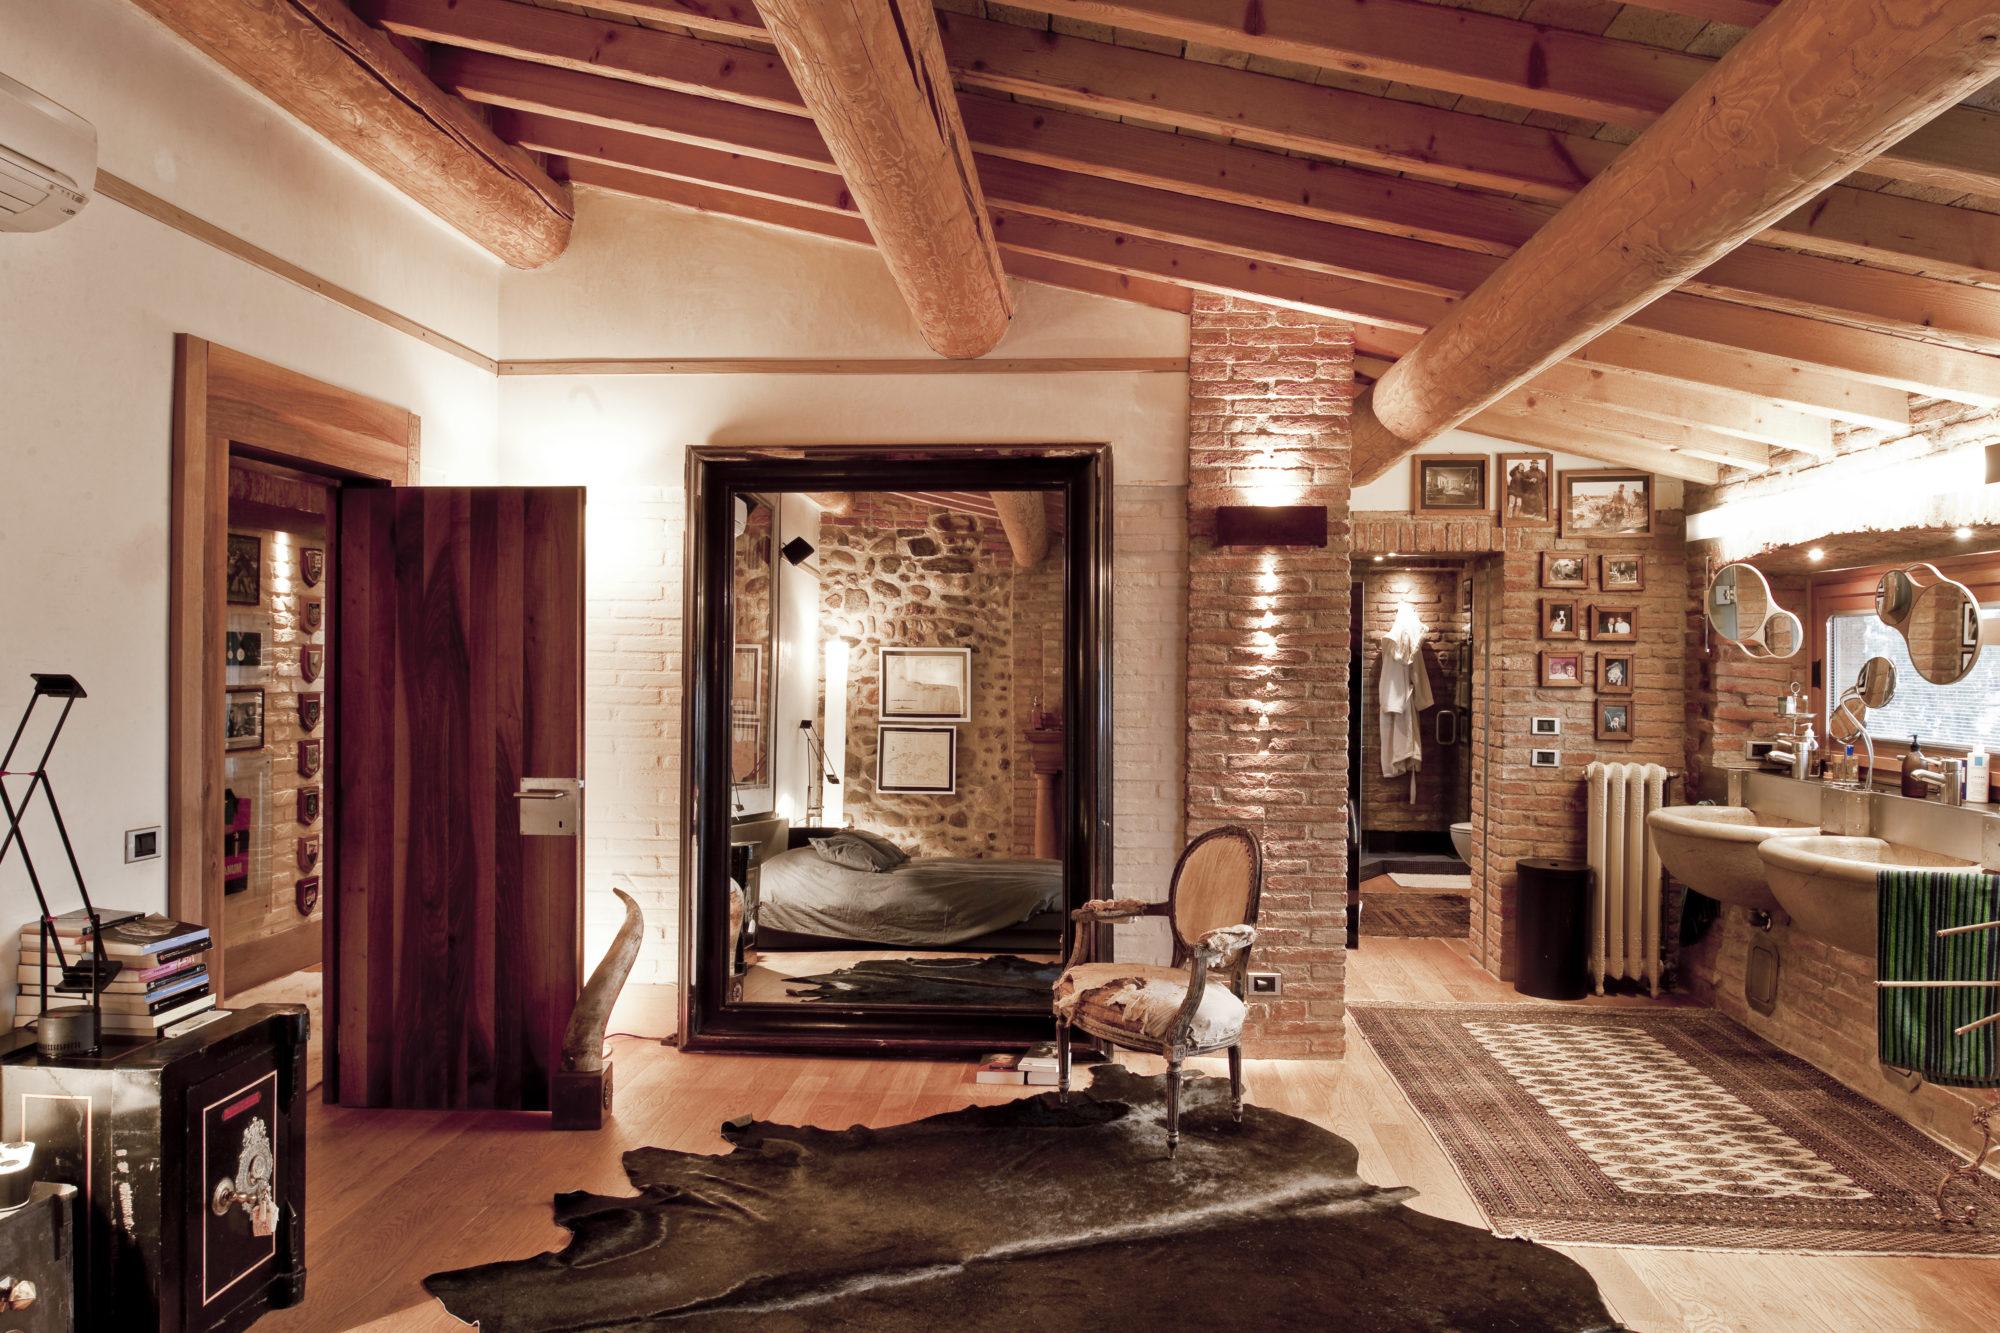 Casa di campagna interno fotografo brescia ottavio tomasini for Design interni case piccole